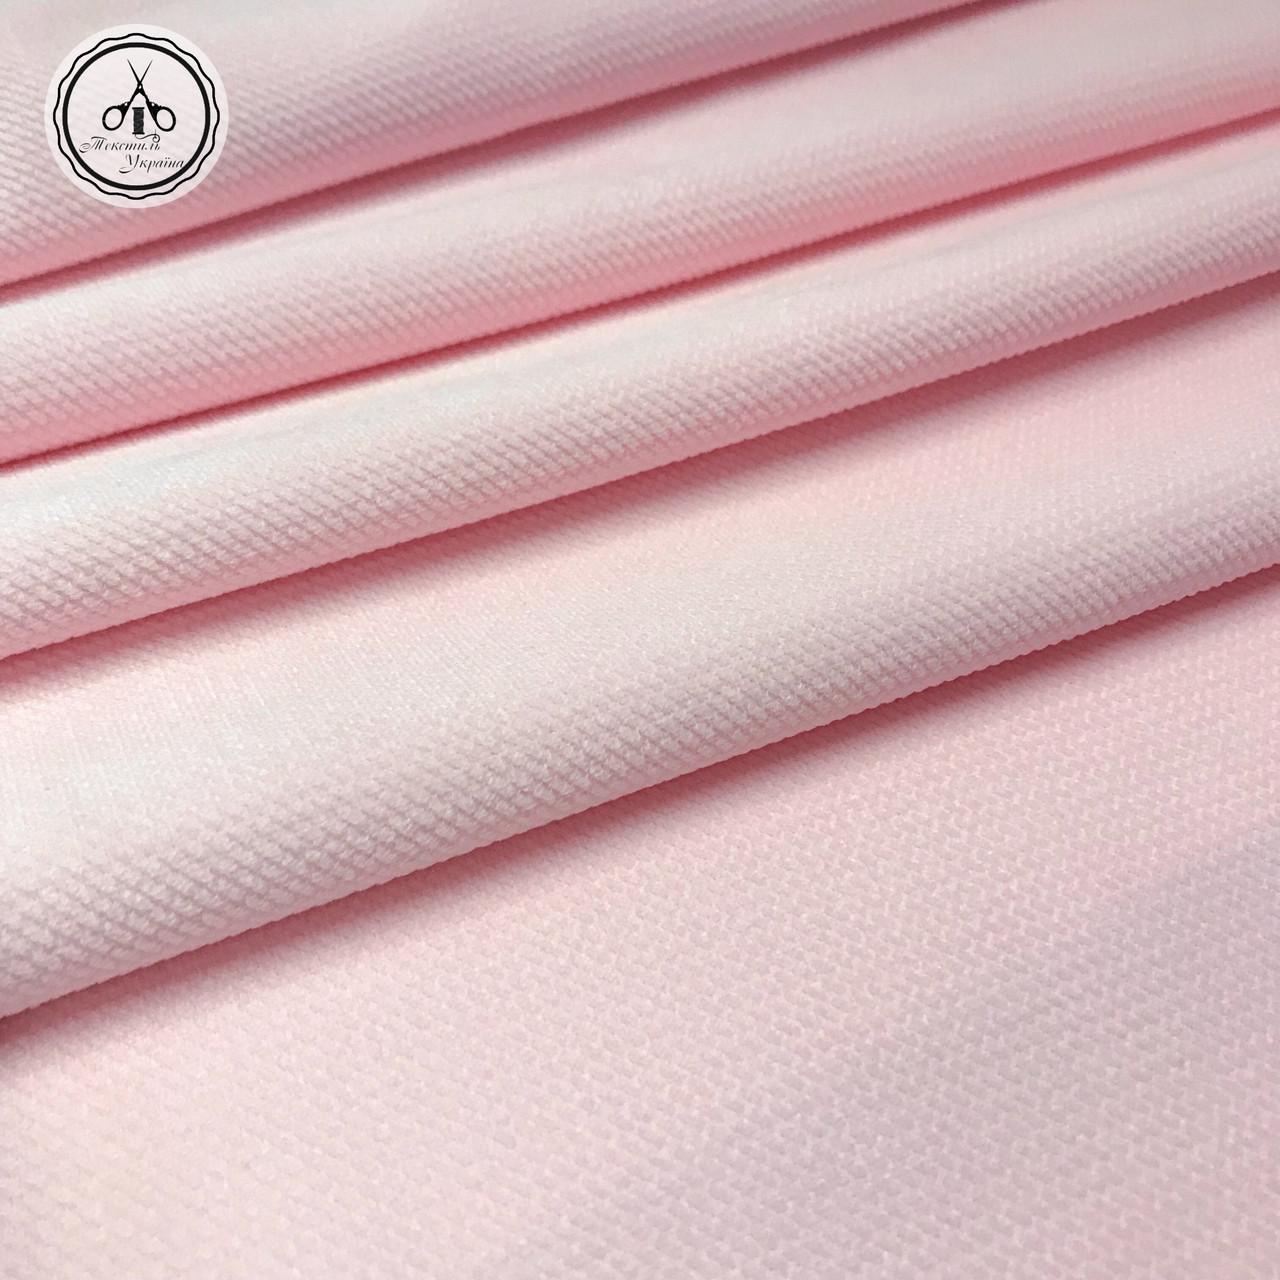 Вельвет цвет розовый 280 г/м2